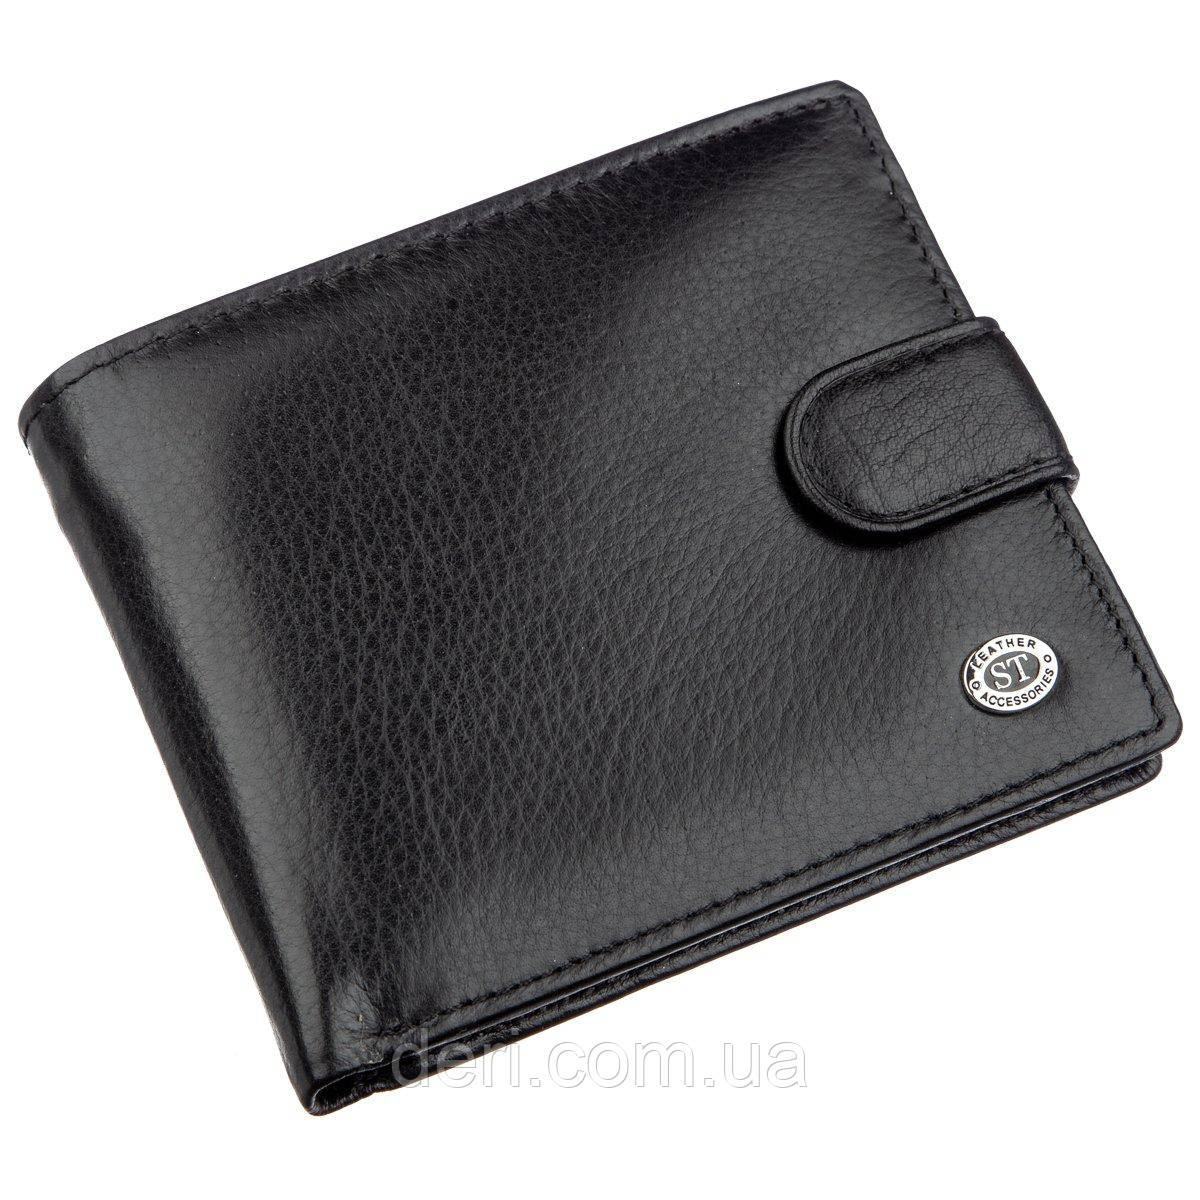 Чудовий чоловічий гаманець на застібці